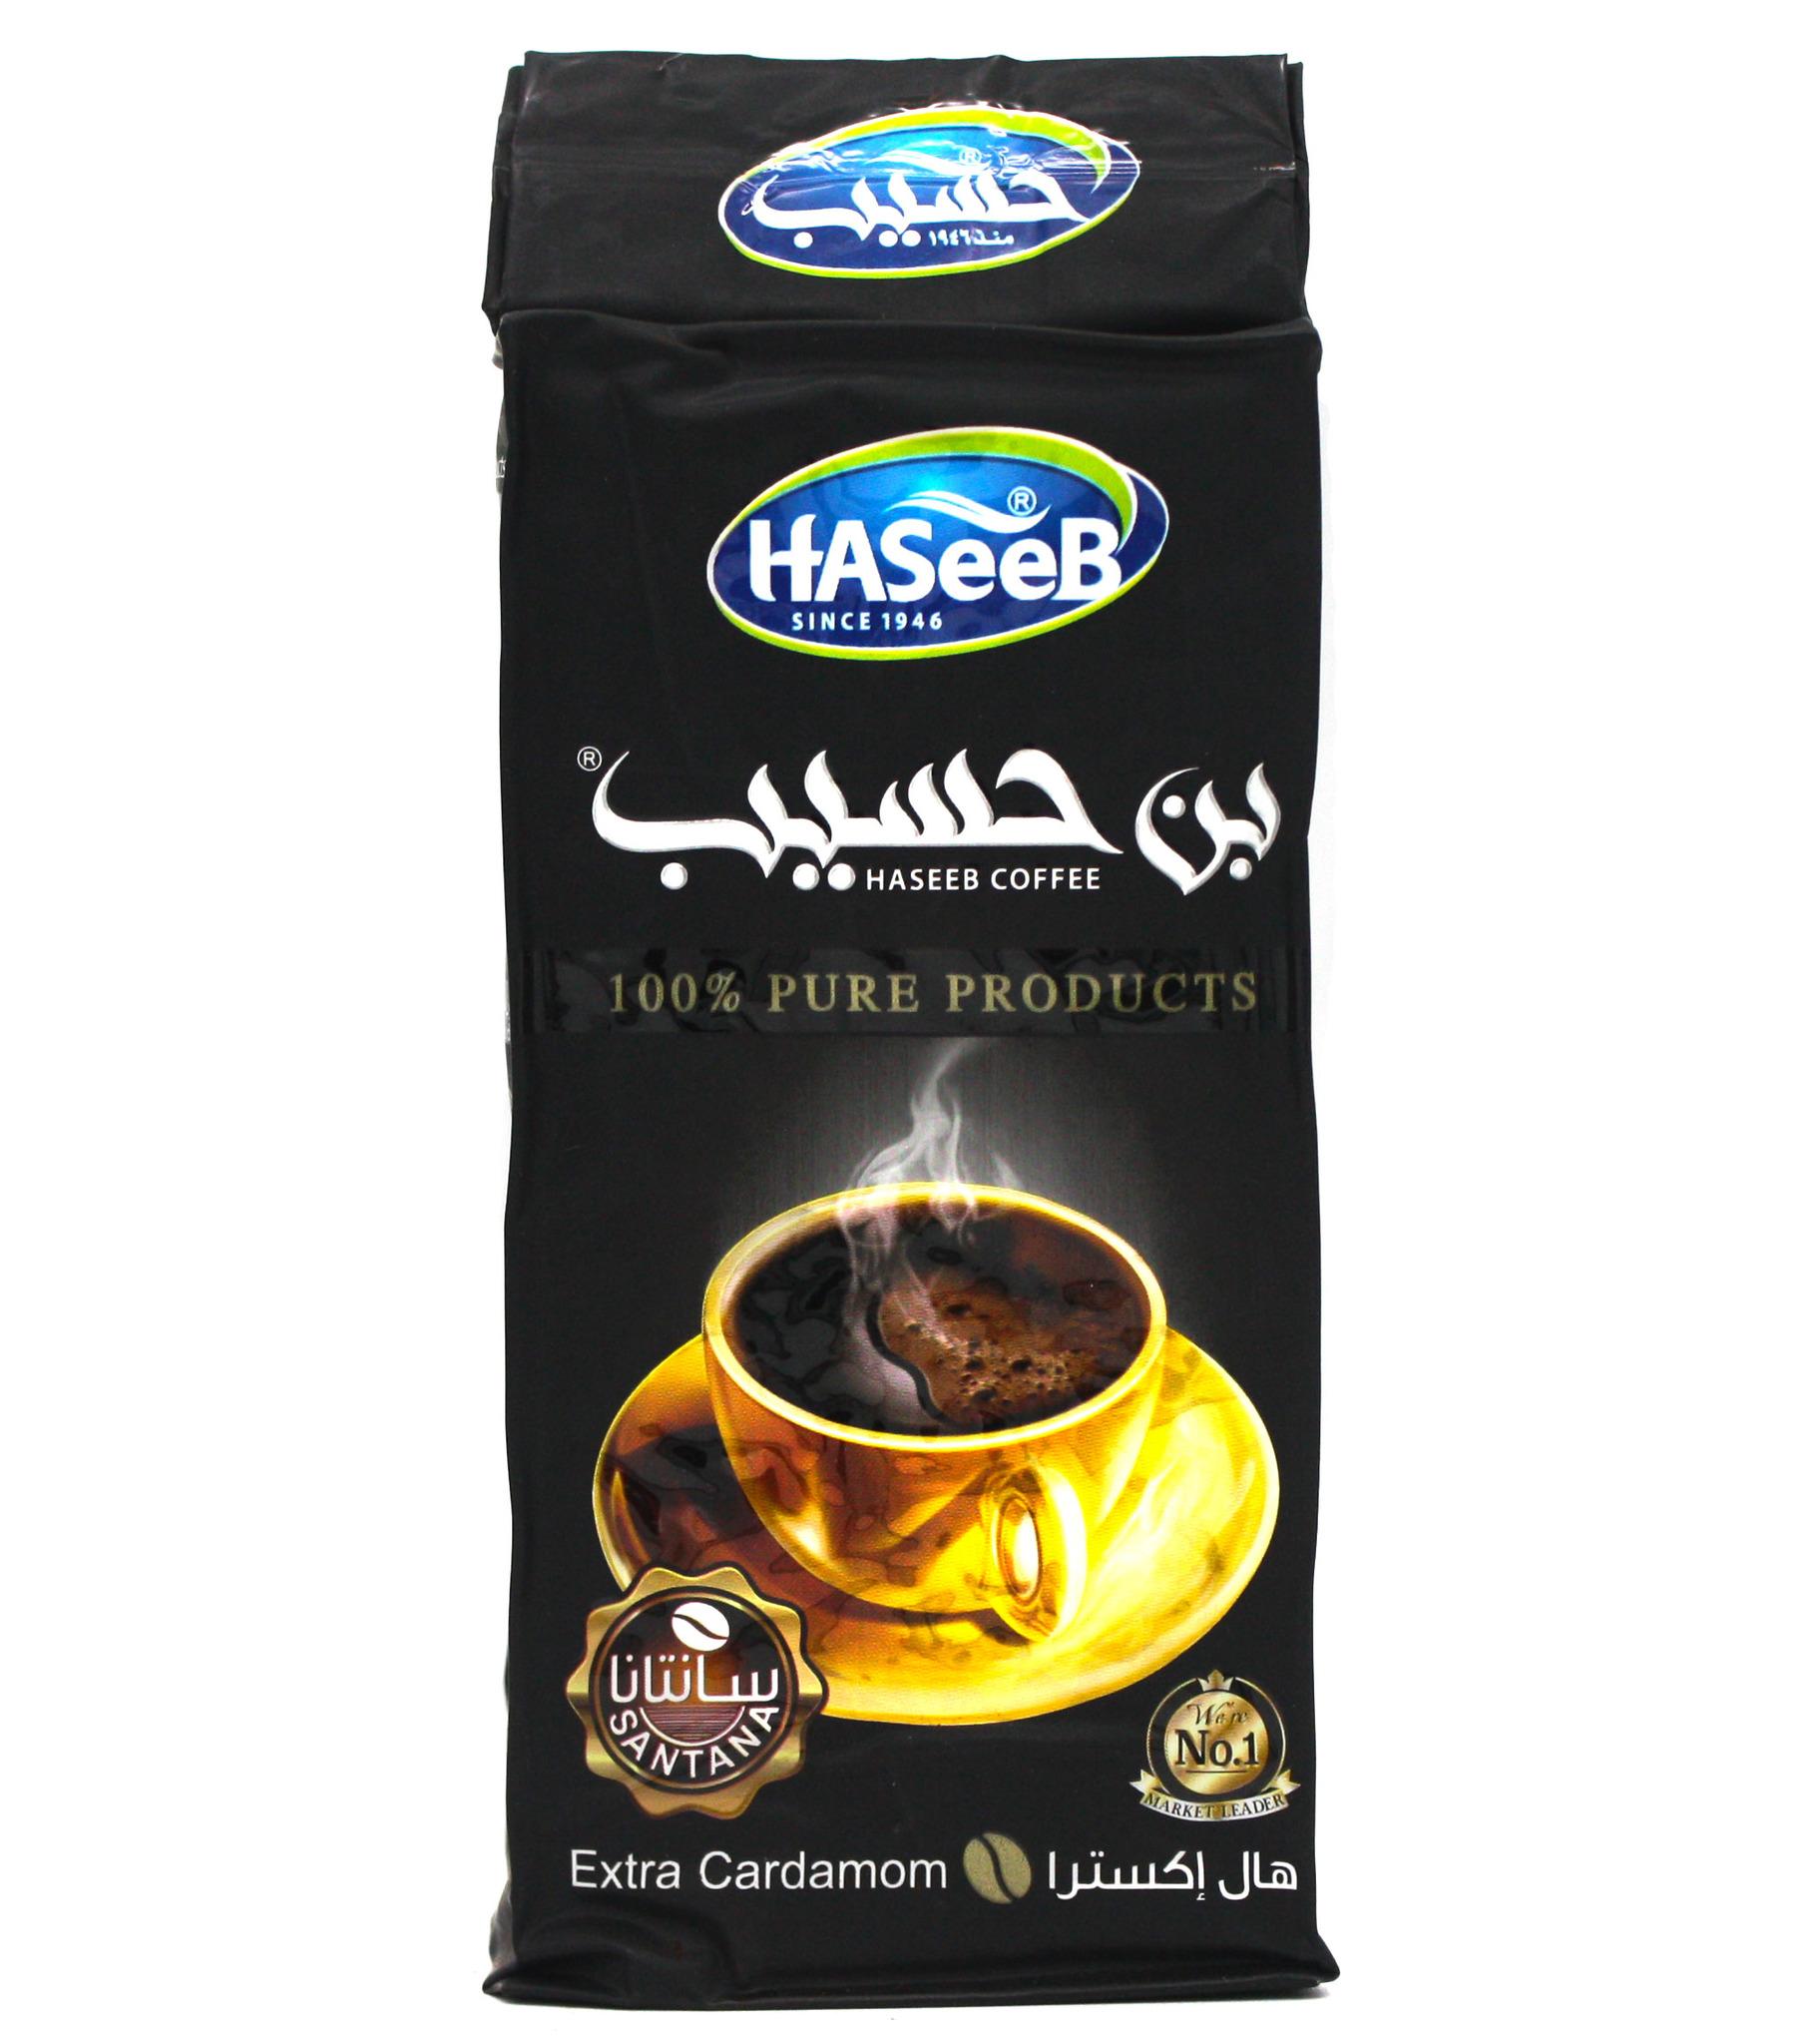 Кофе молотый Арабский кофе Extra Cardamom, Haseeb, 200 г import_files_1e_1ef3f6731b1a11e9a9a6484d7ecee297_1ef3f6971b1a11e9a9a6484d7ecee297.jpg